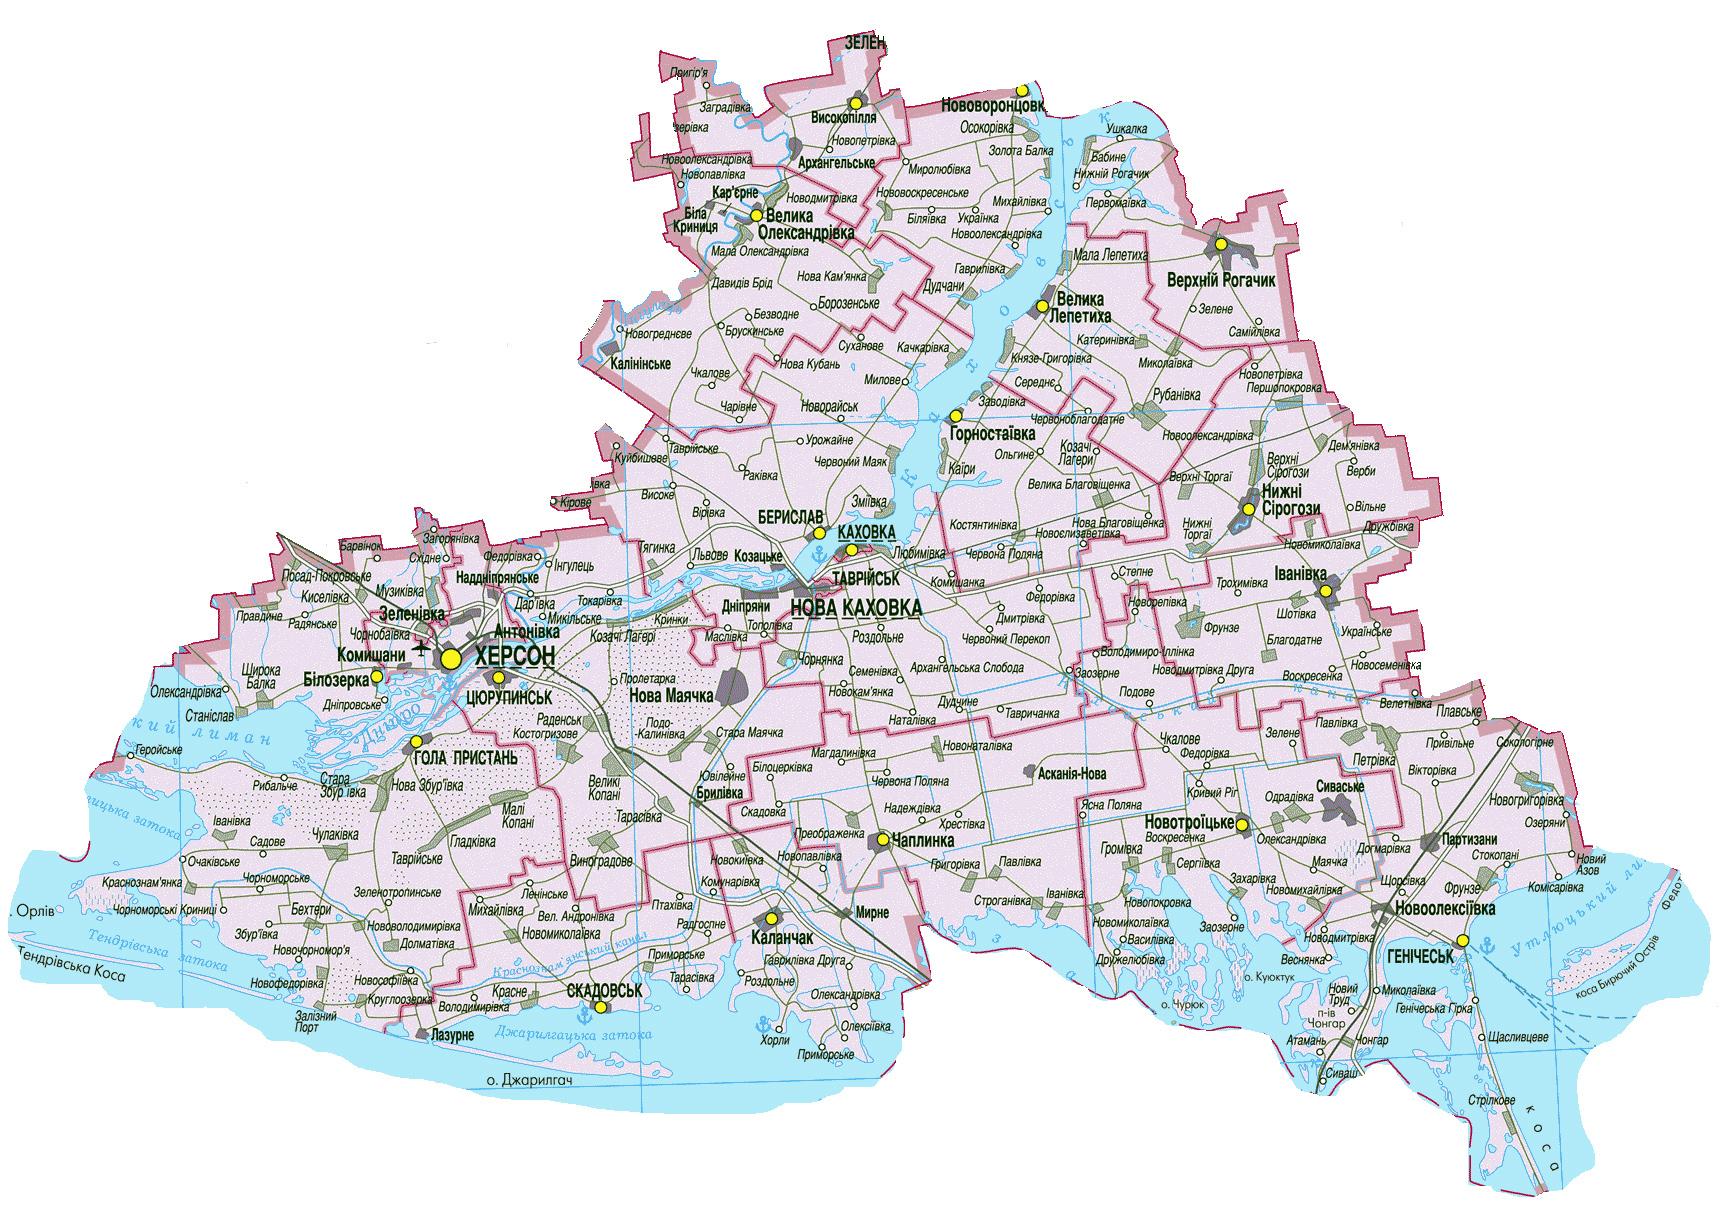 Херсонская область. Карта автомобильных дорог Херсонской ...: http://www.raster-maps.com/map-of-ukraine-63/